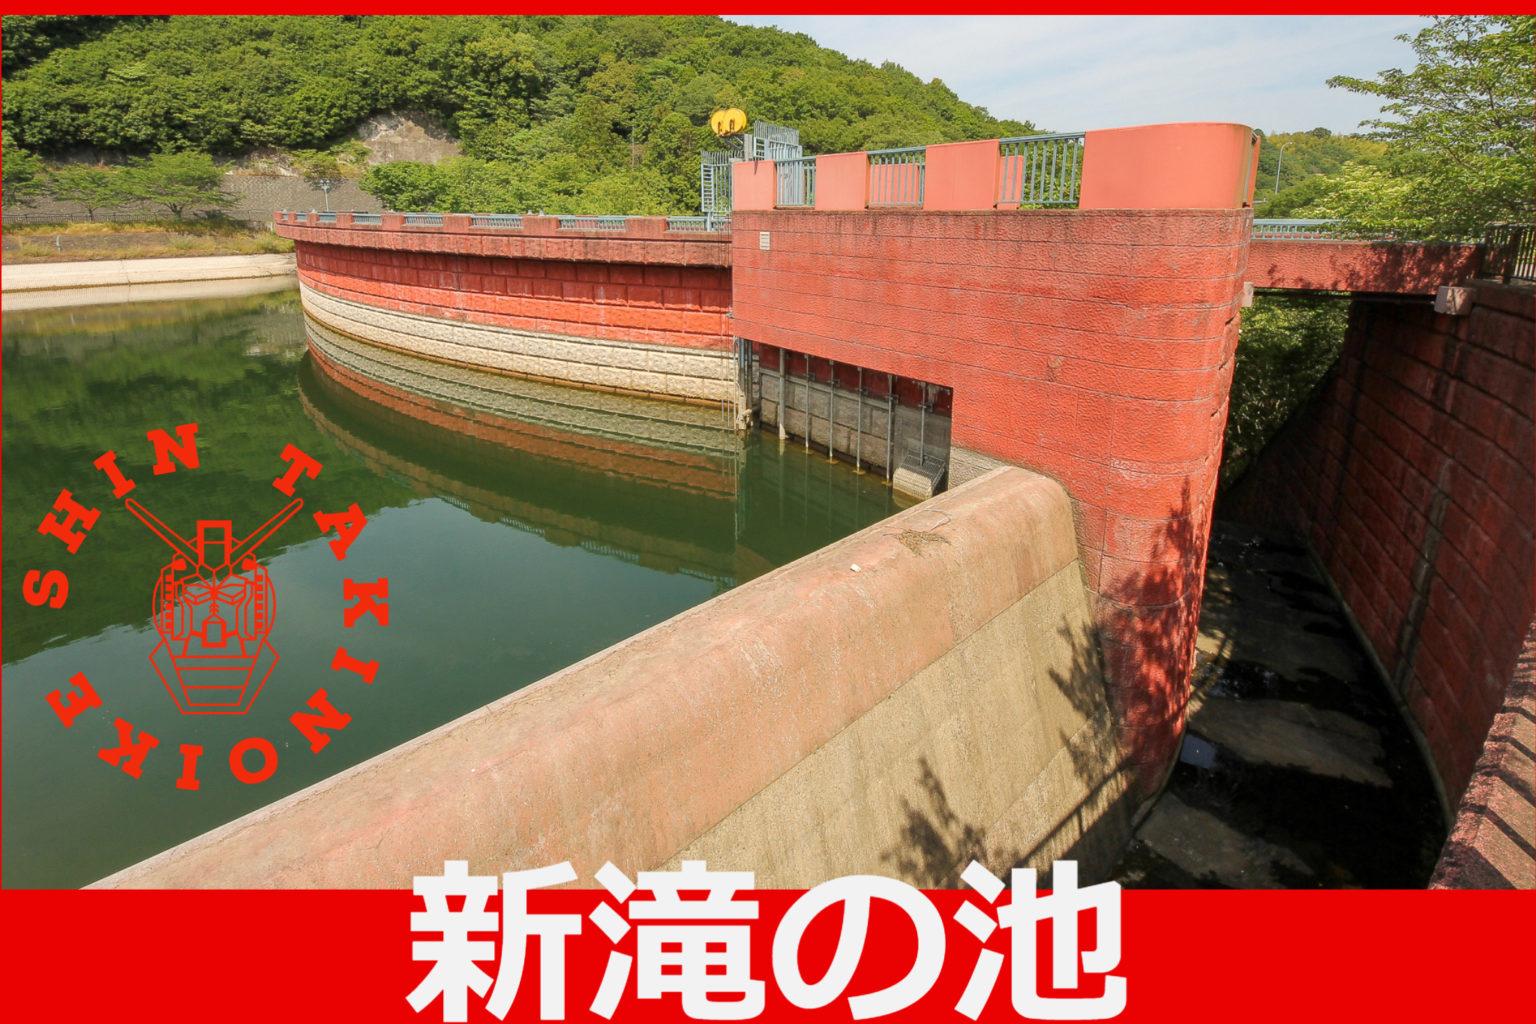 3127-新滝の池/しんたきのいけ(別名:新滝ノ池、新滝之池)